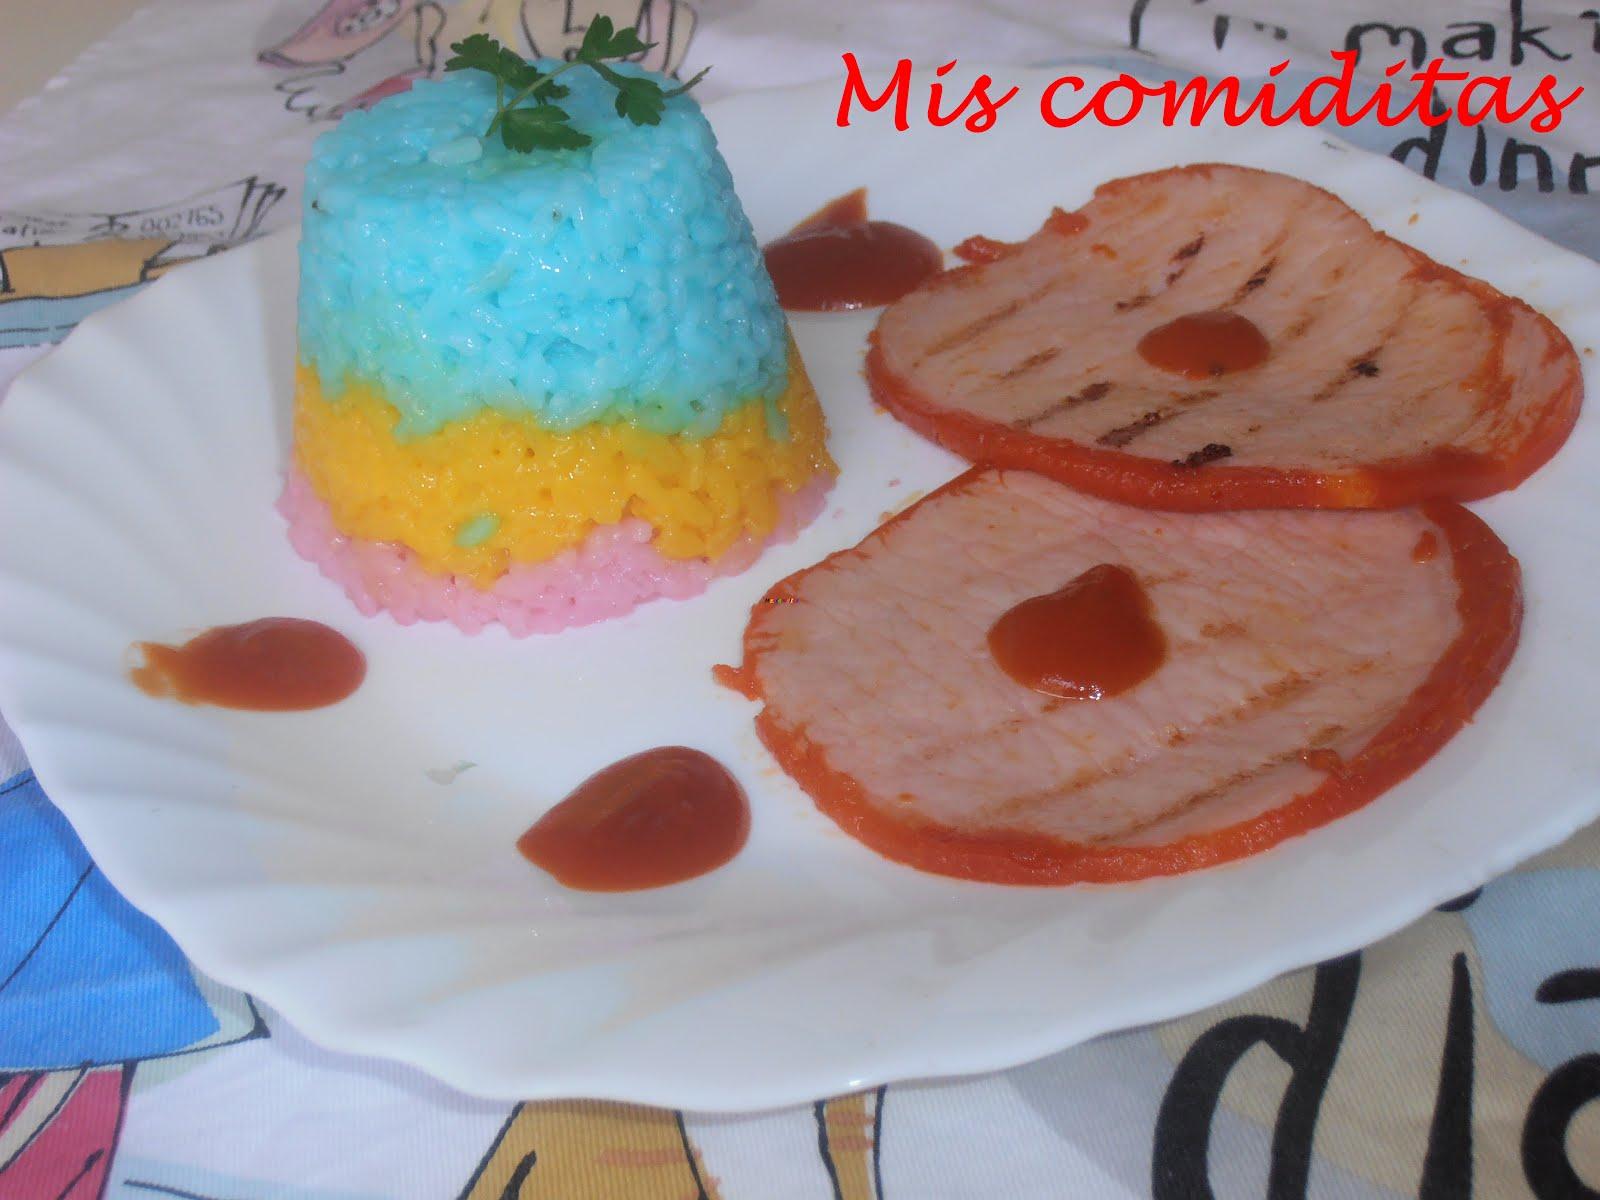 Mis comiditas arroz blanco a color for Arroz blanco cocina al natural